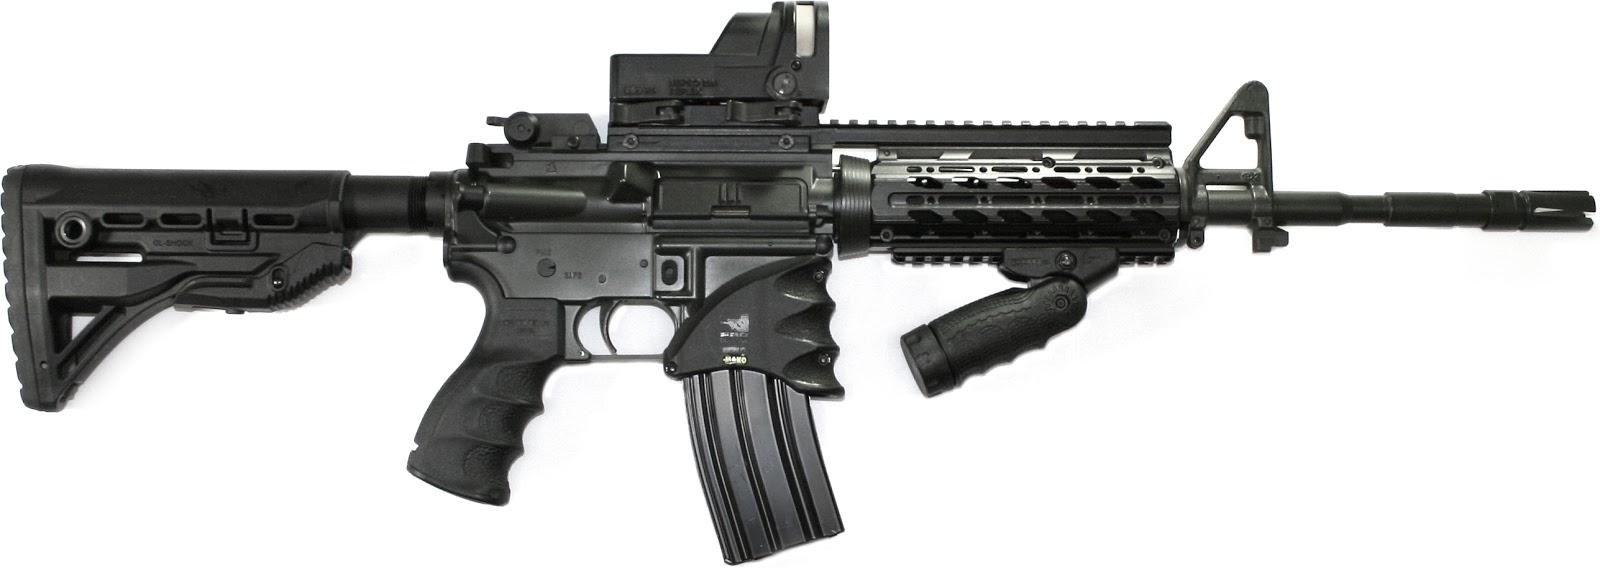 Best Gun For Shtf When Traveling